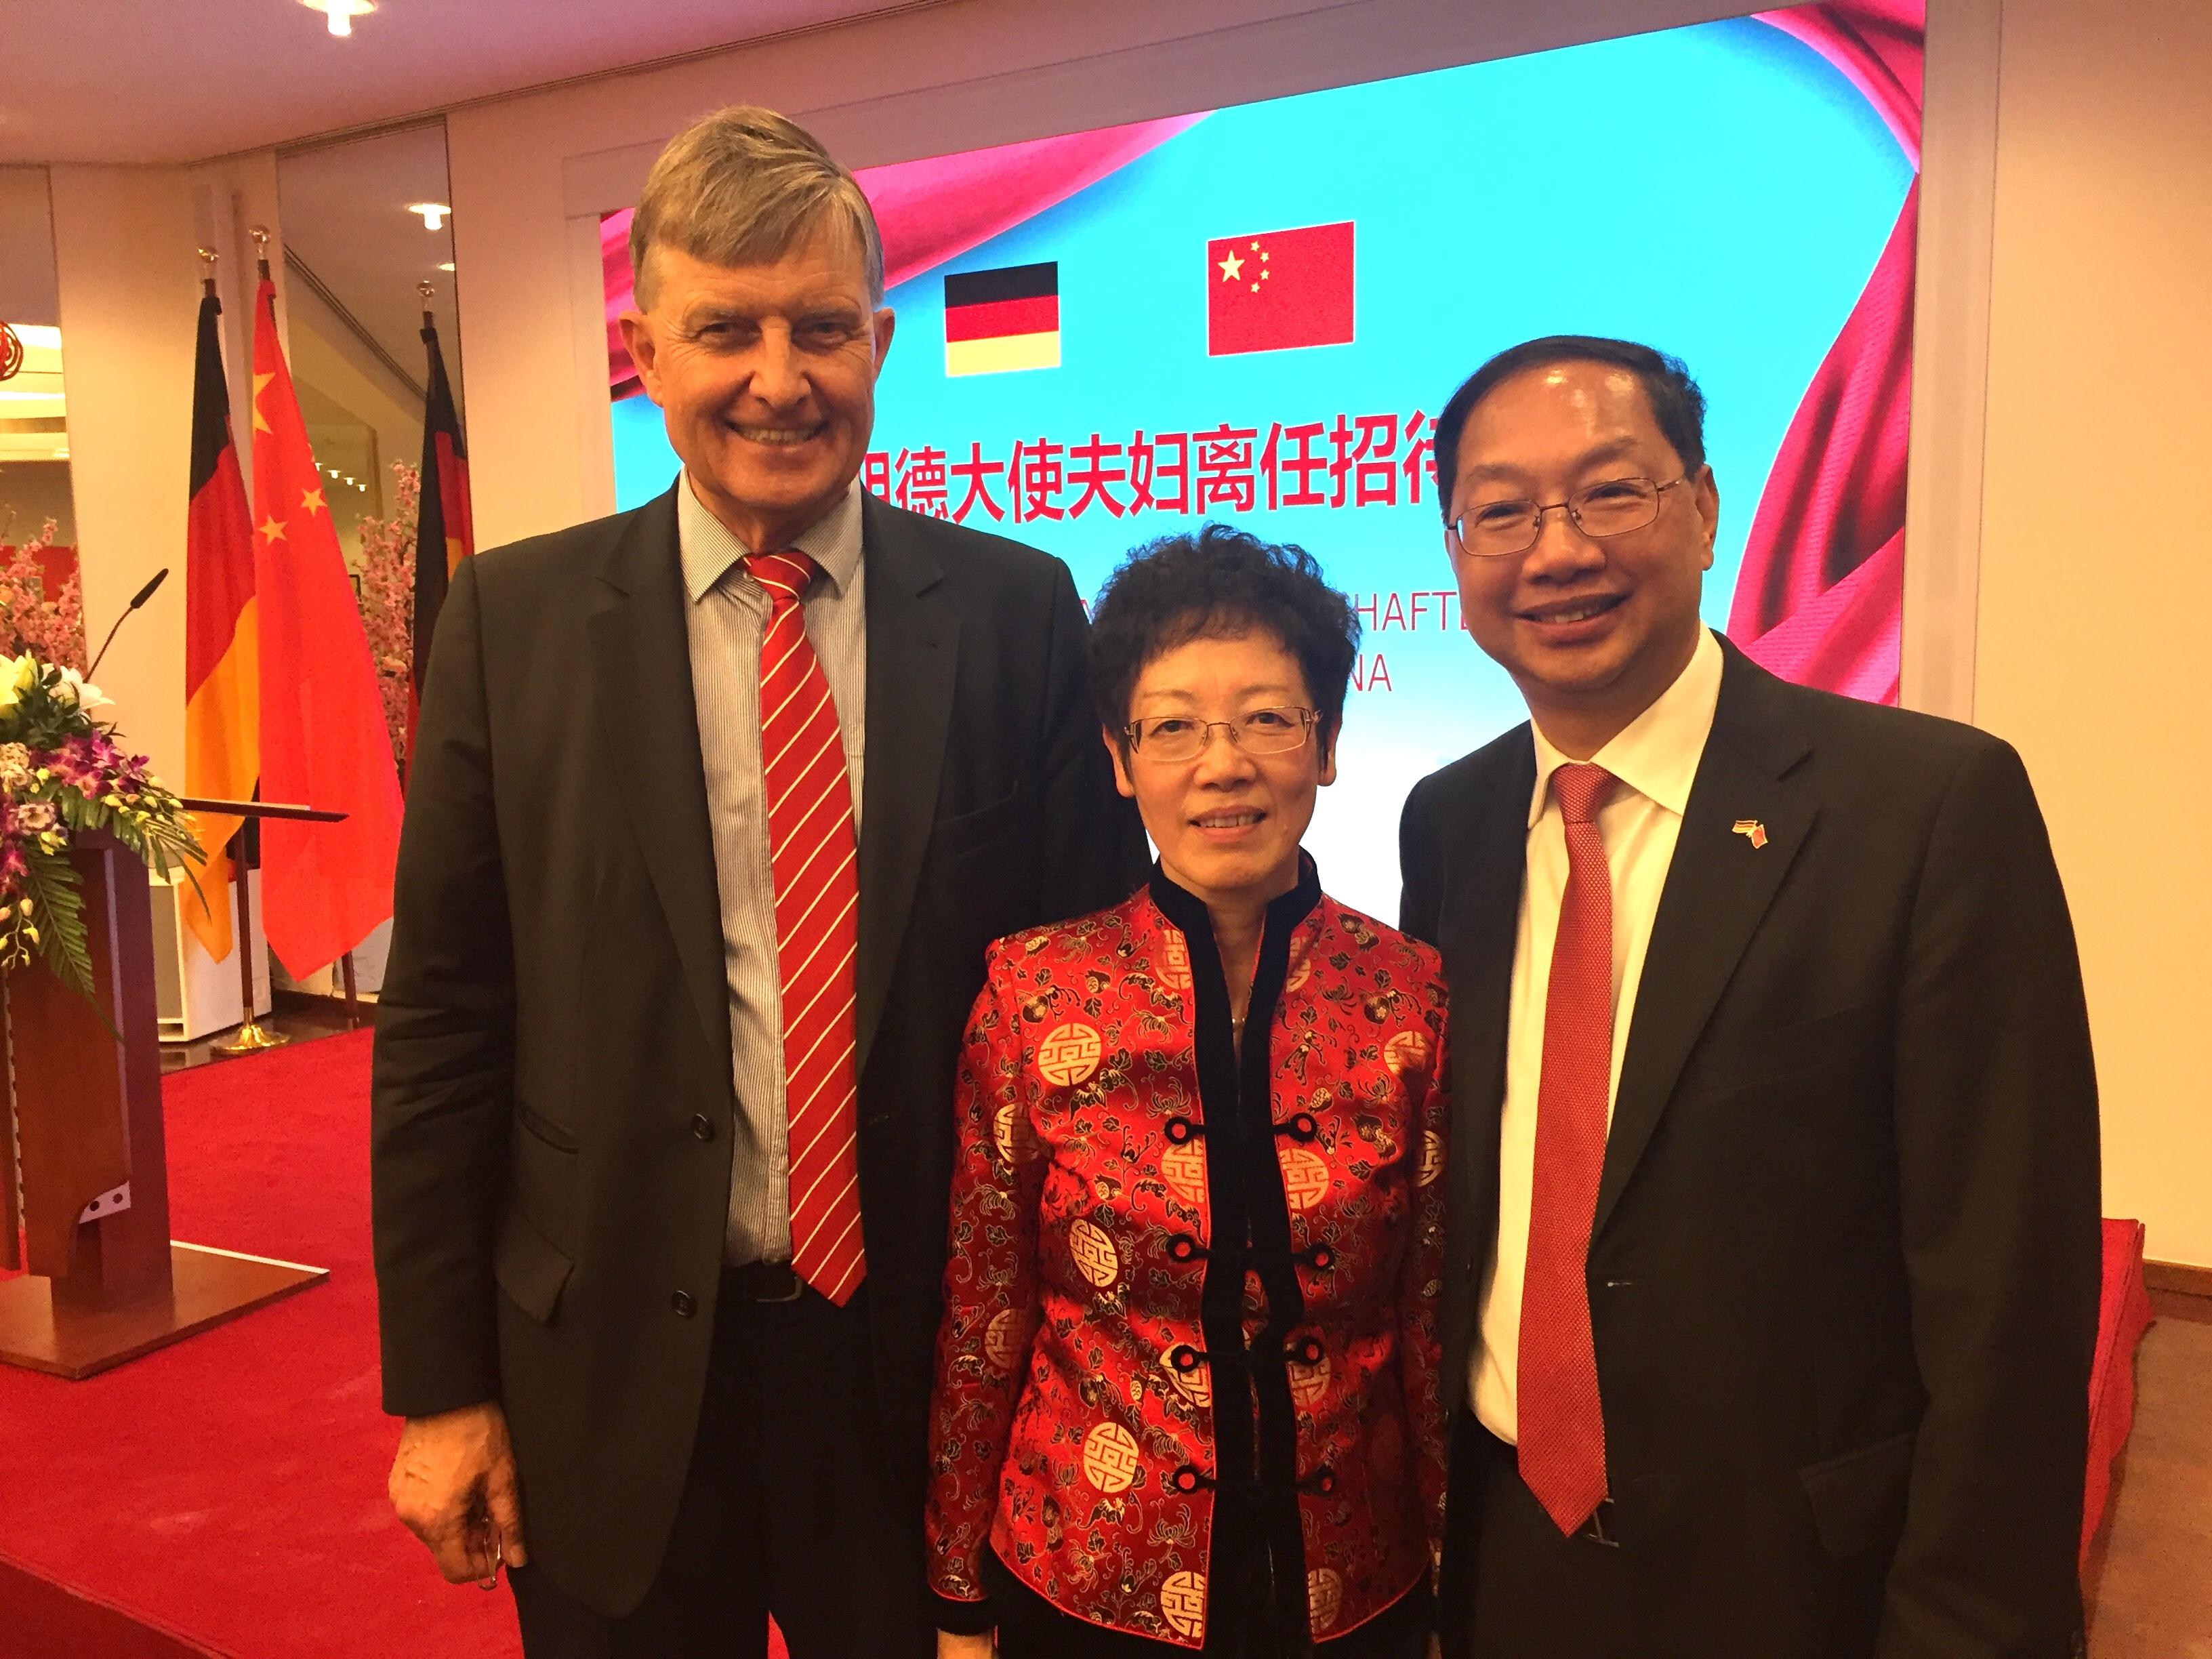 Grüße und beste Wünsche von GDCV und LIU Guosheng an Botschafter Shi und Gattin XU Jinghua überbrachte Dr. Michael Borchmann